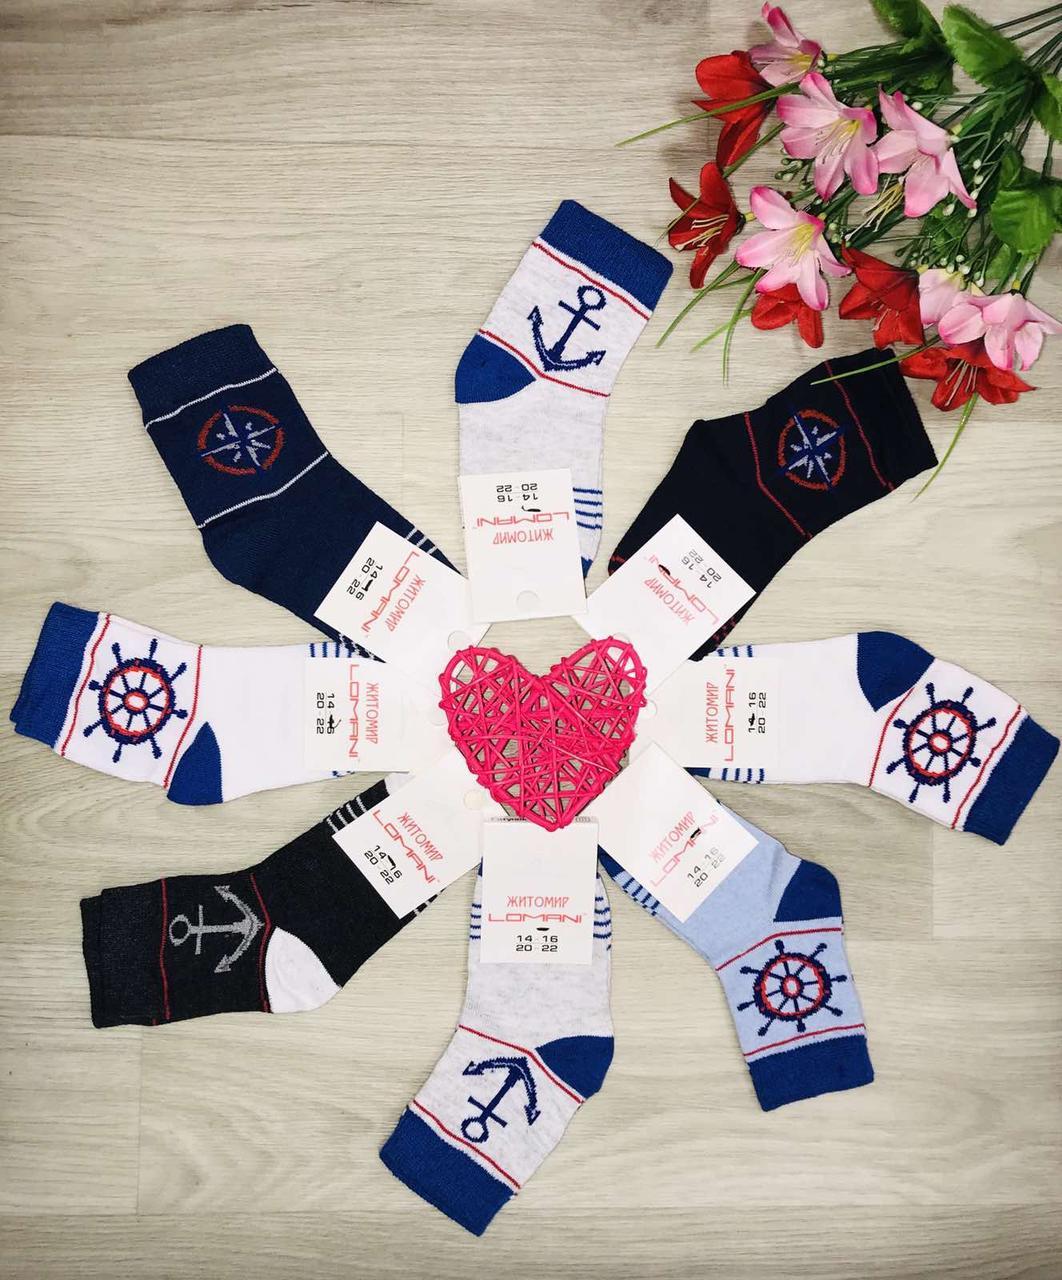 Шкарпетки дитячі демісезонні бавовна Житомир ТМ LOMANI розмір 18-20(27-30) асорті